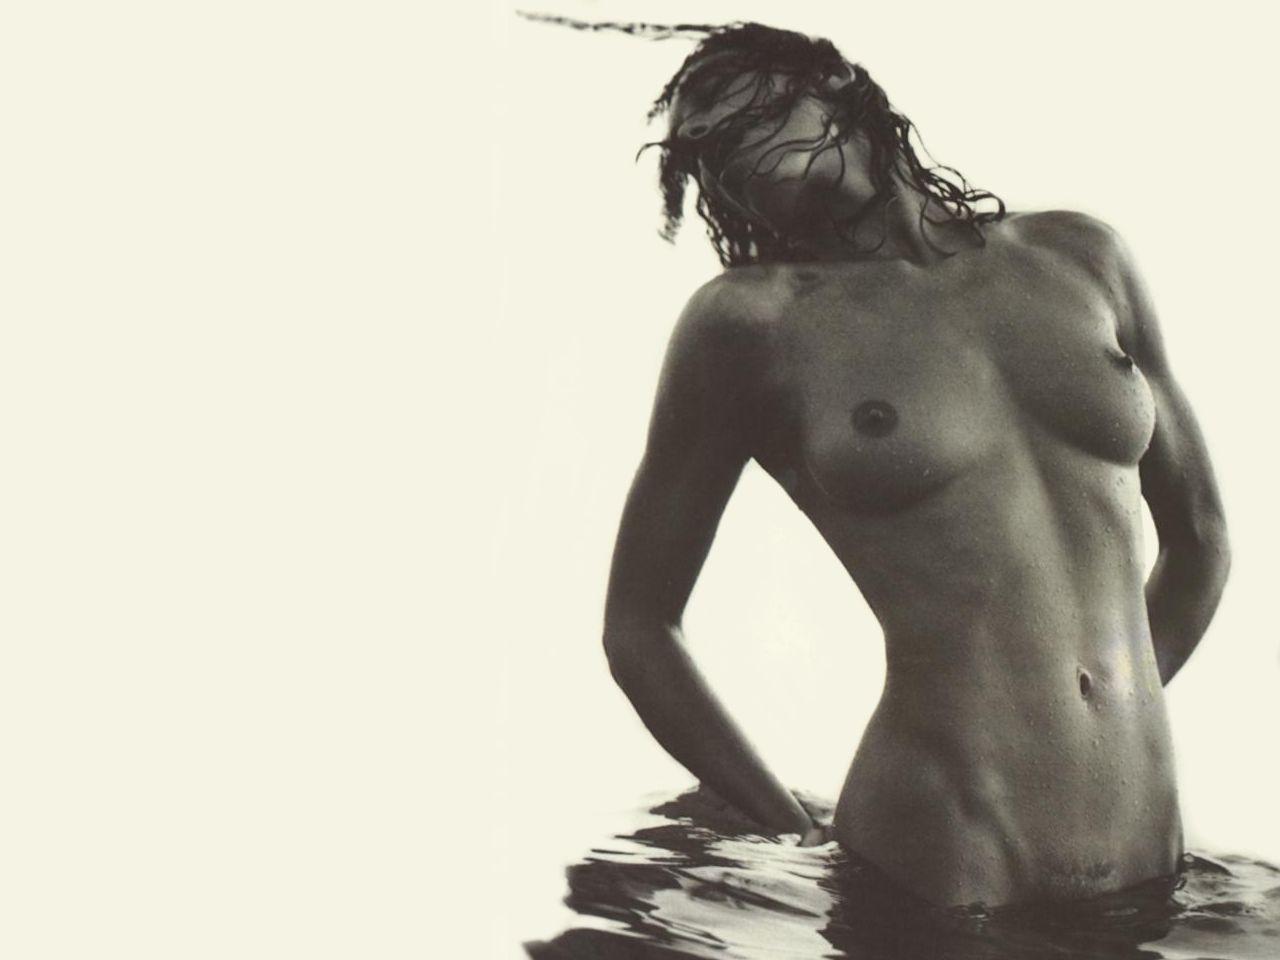 Annette funicello nude